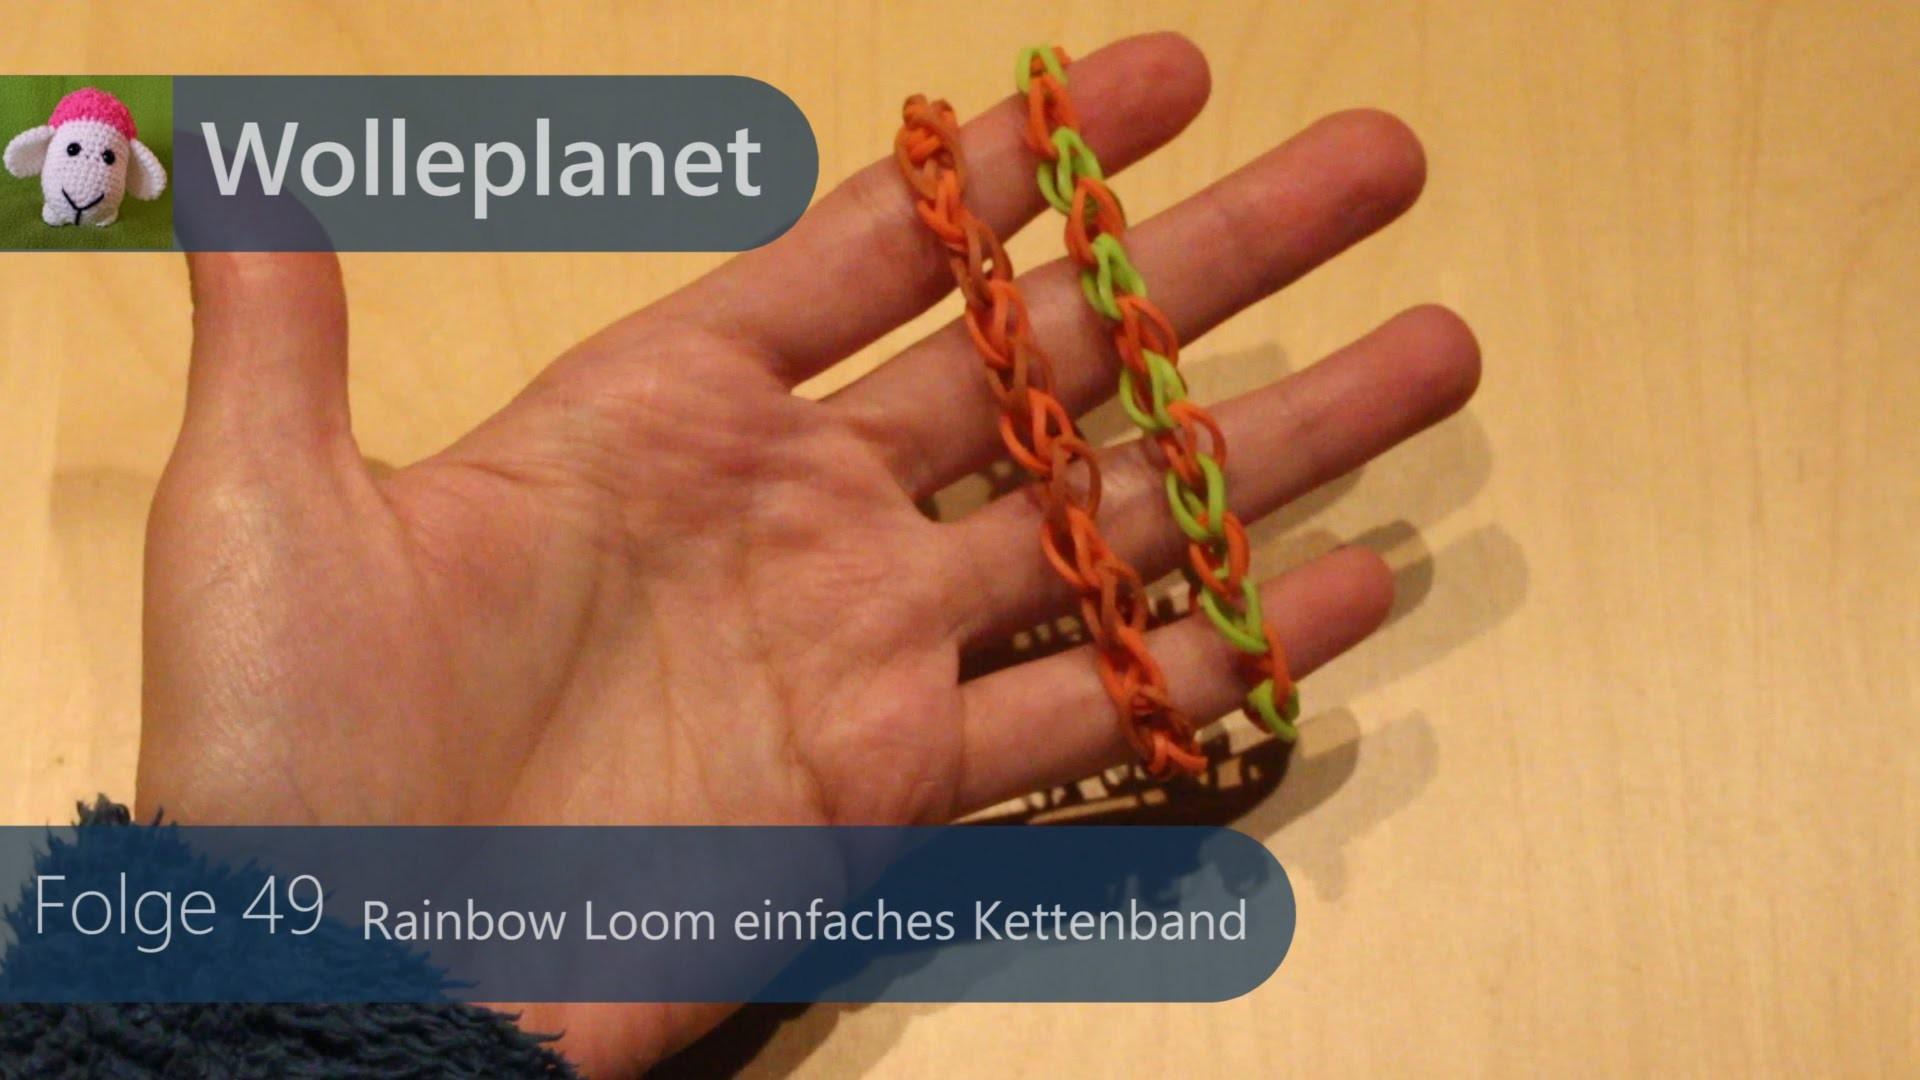 Rainbow Loom - Kettenband mit Loom